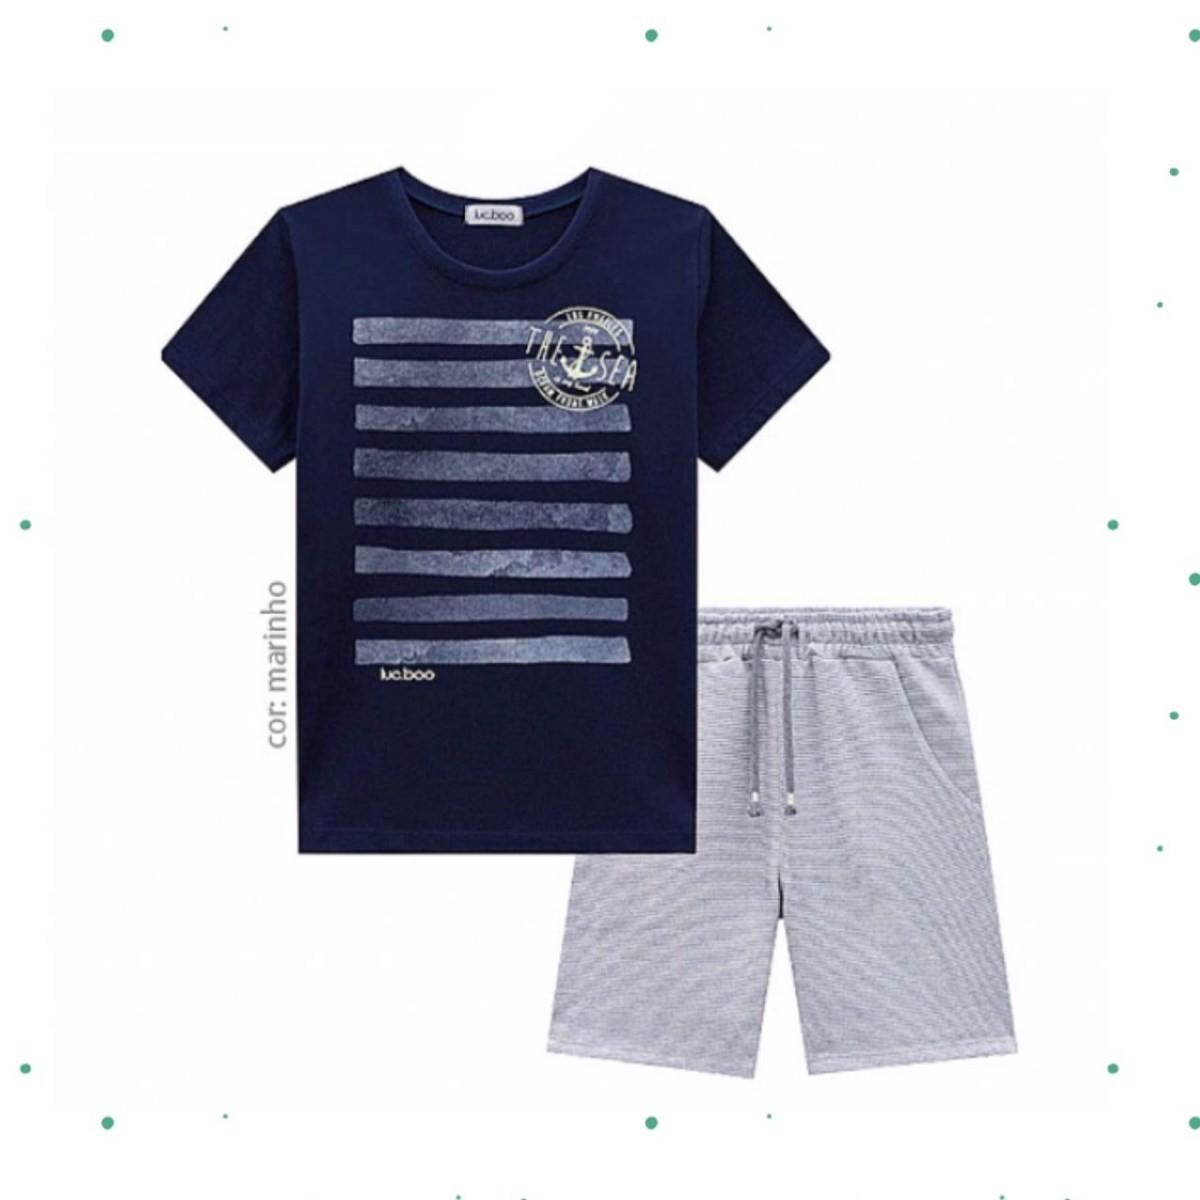 Conjunto Menino Lucboo Camiseta Algodão Bermuda Moletom